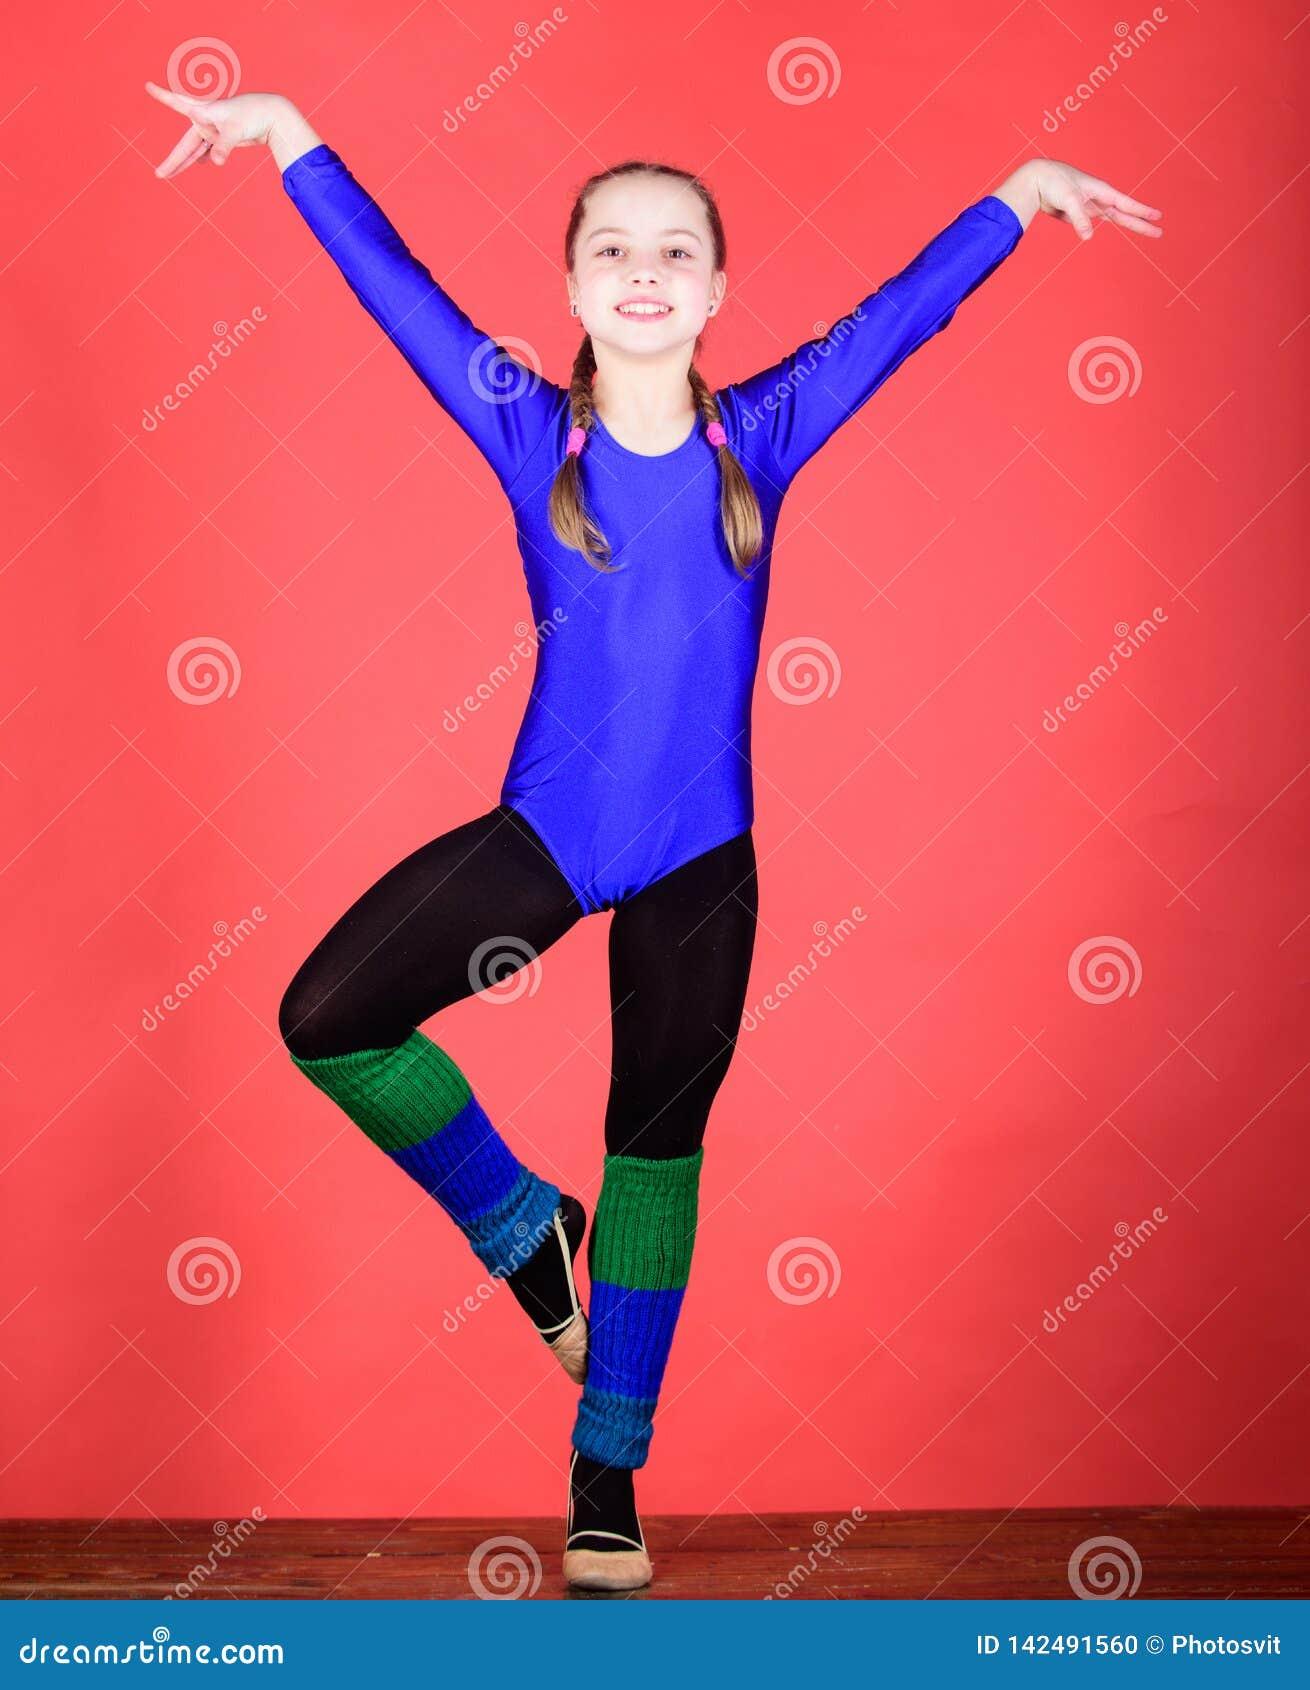 Sucesso Ilustração do bailado dancer Atividade da infância gymnastics Desportista feliz da criança Exercício do gym da acrobacia